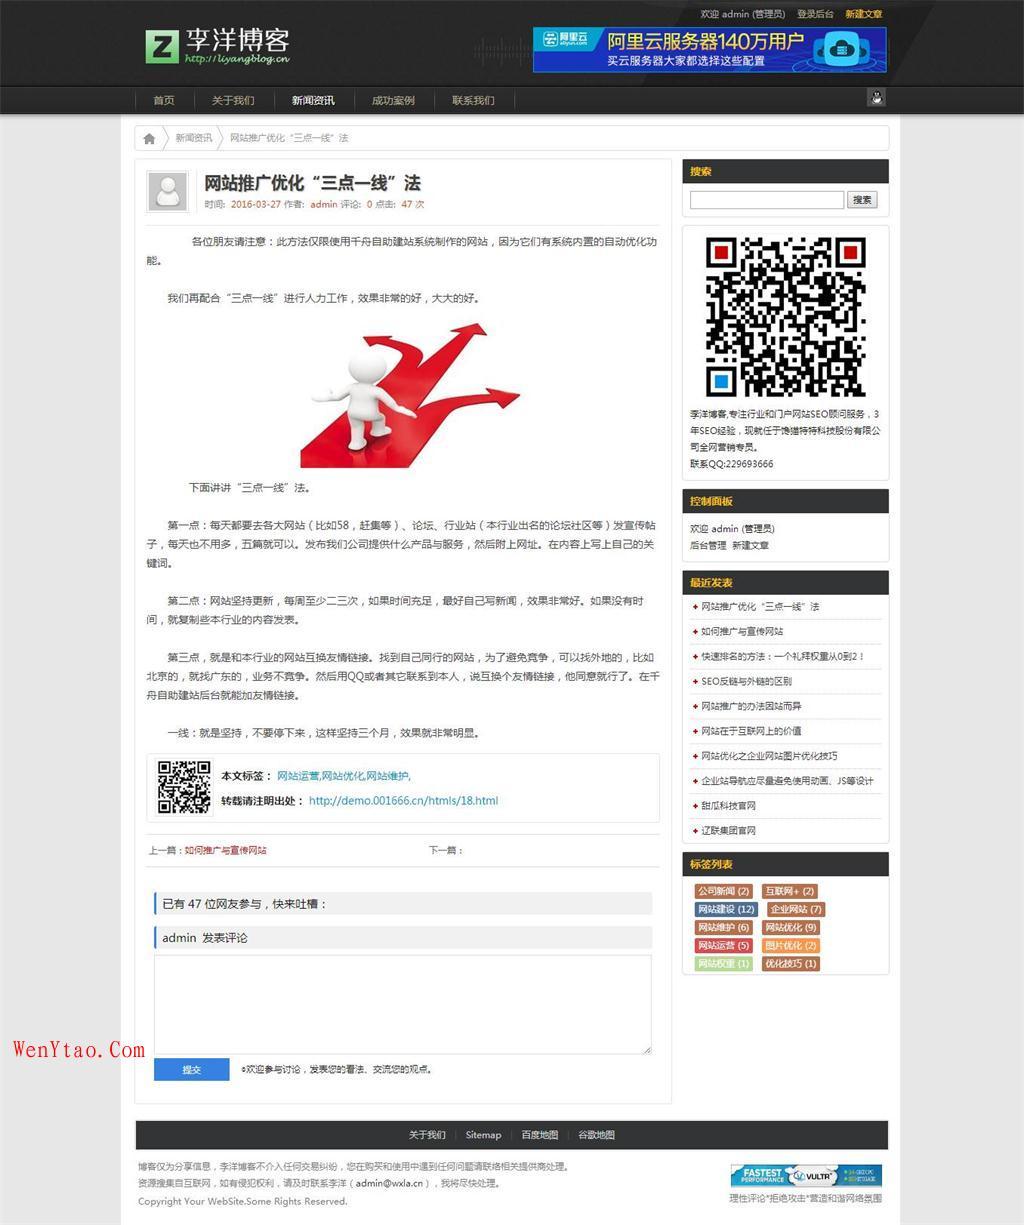 zblogPHP最新clublee主题,全网首发(地址更新) 第2张